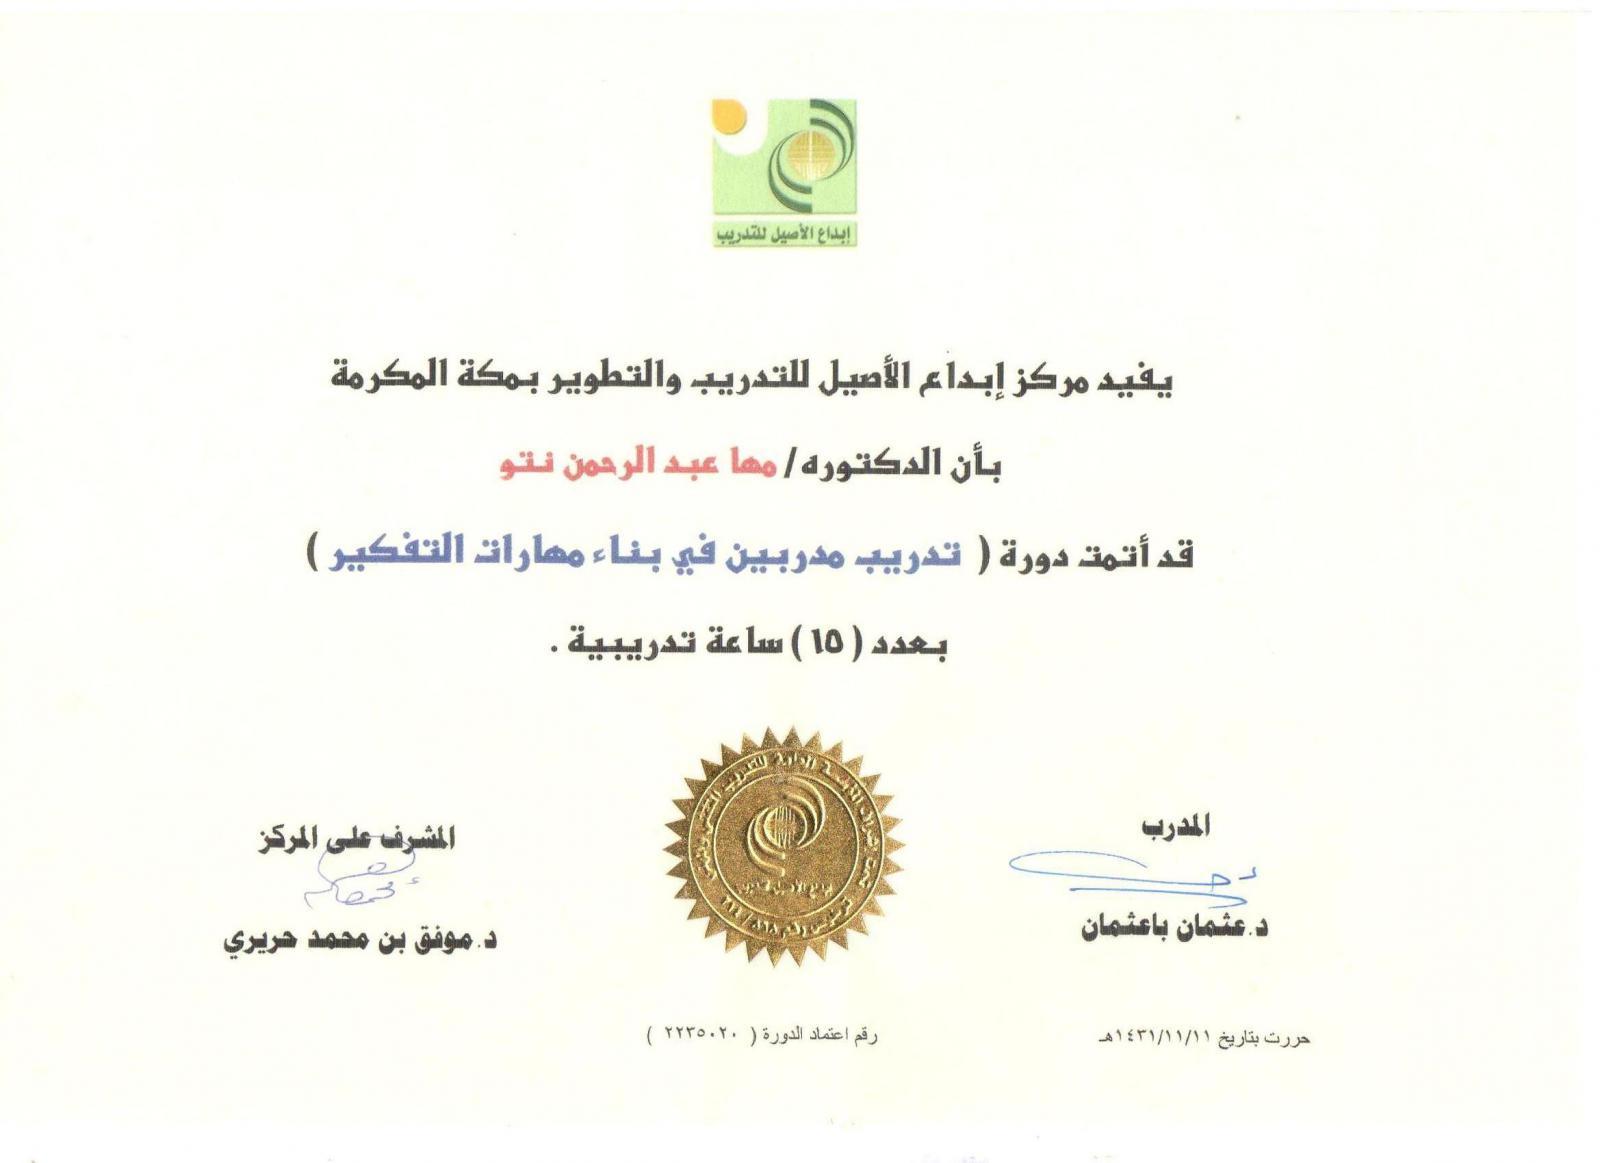 شهادات حضور دورات وورش عمل مها عبدالرحمن احمد نتو العقيدة جامعة أم القرى